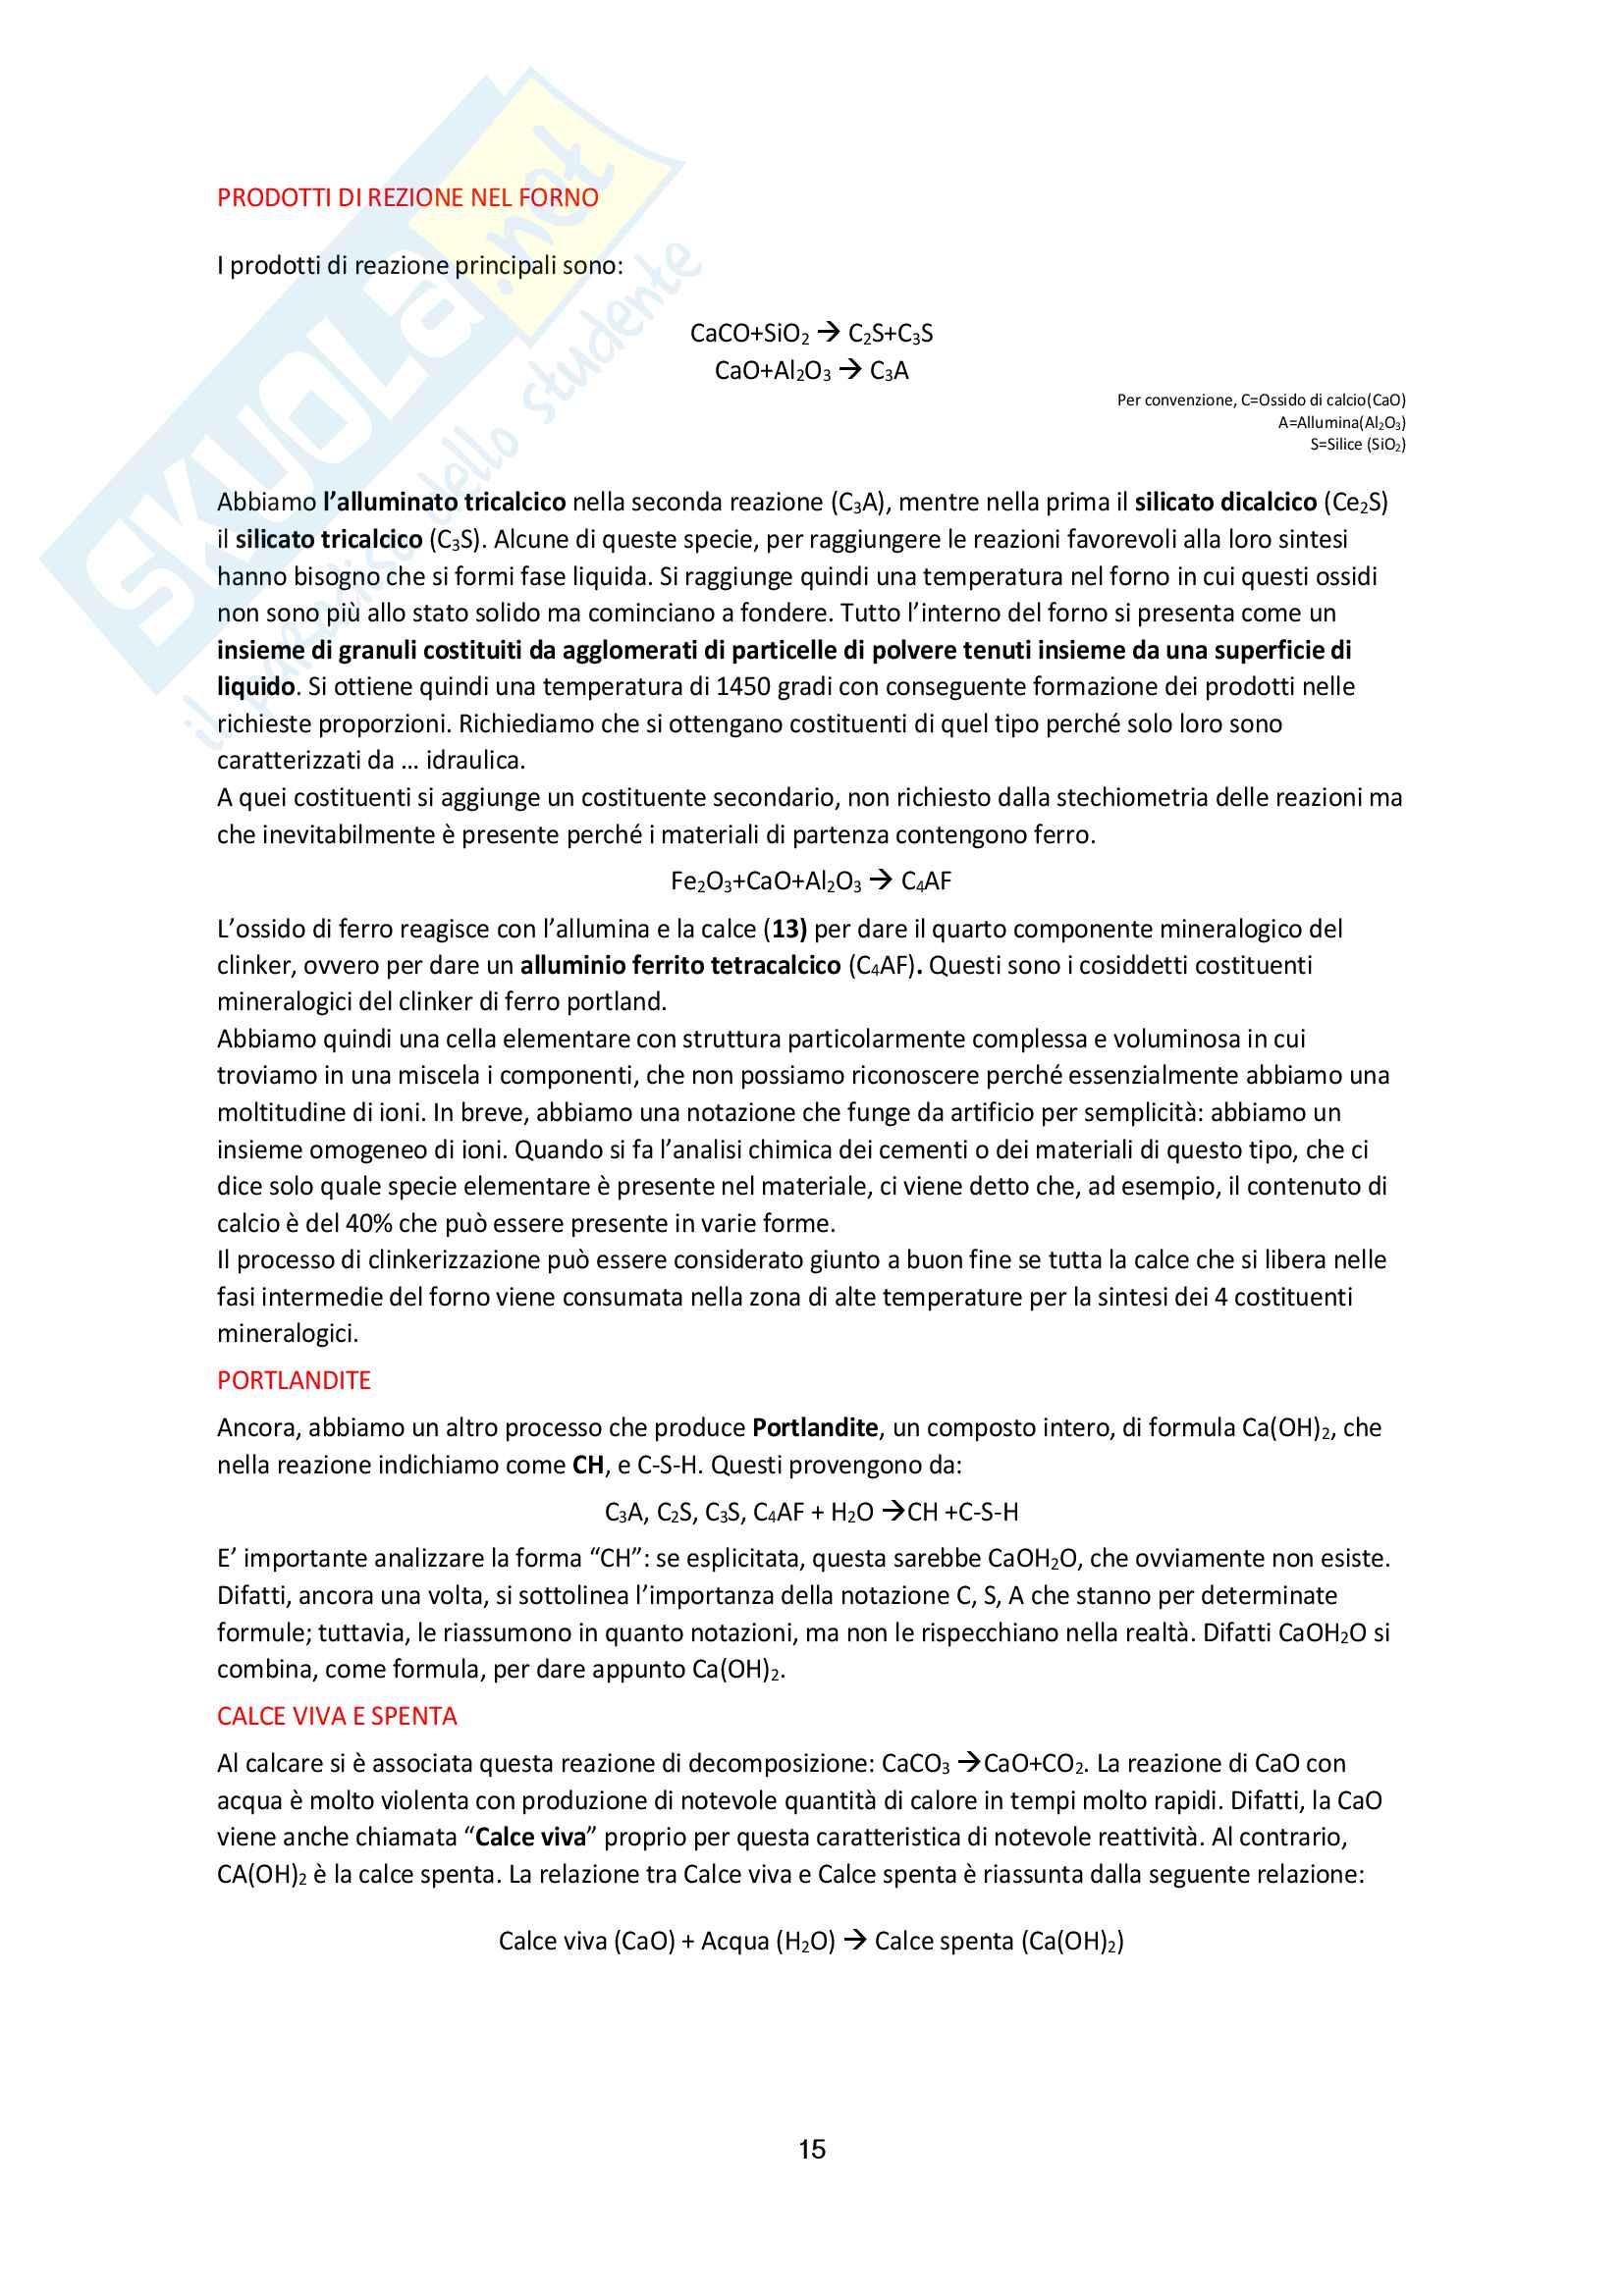 Tutte le lezioni trascritte - Tecnologia dei Materiali - TEORIA ed ESERCIZI Pag. 16